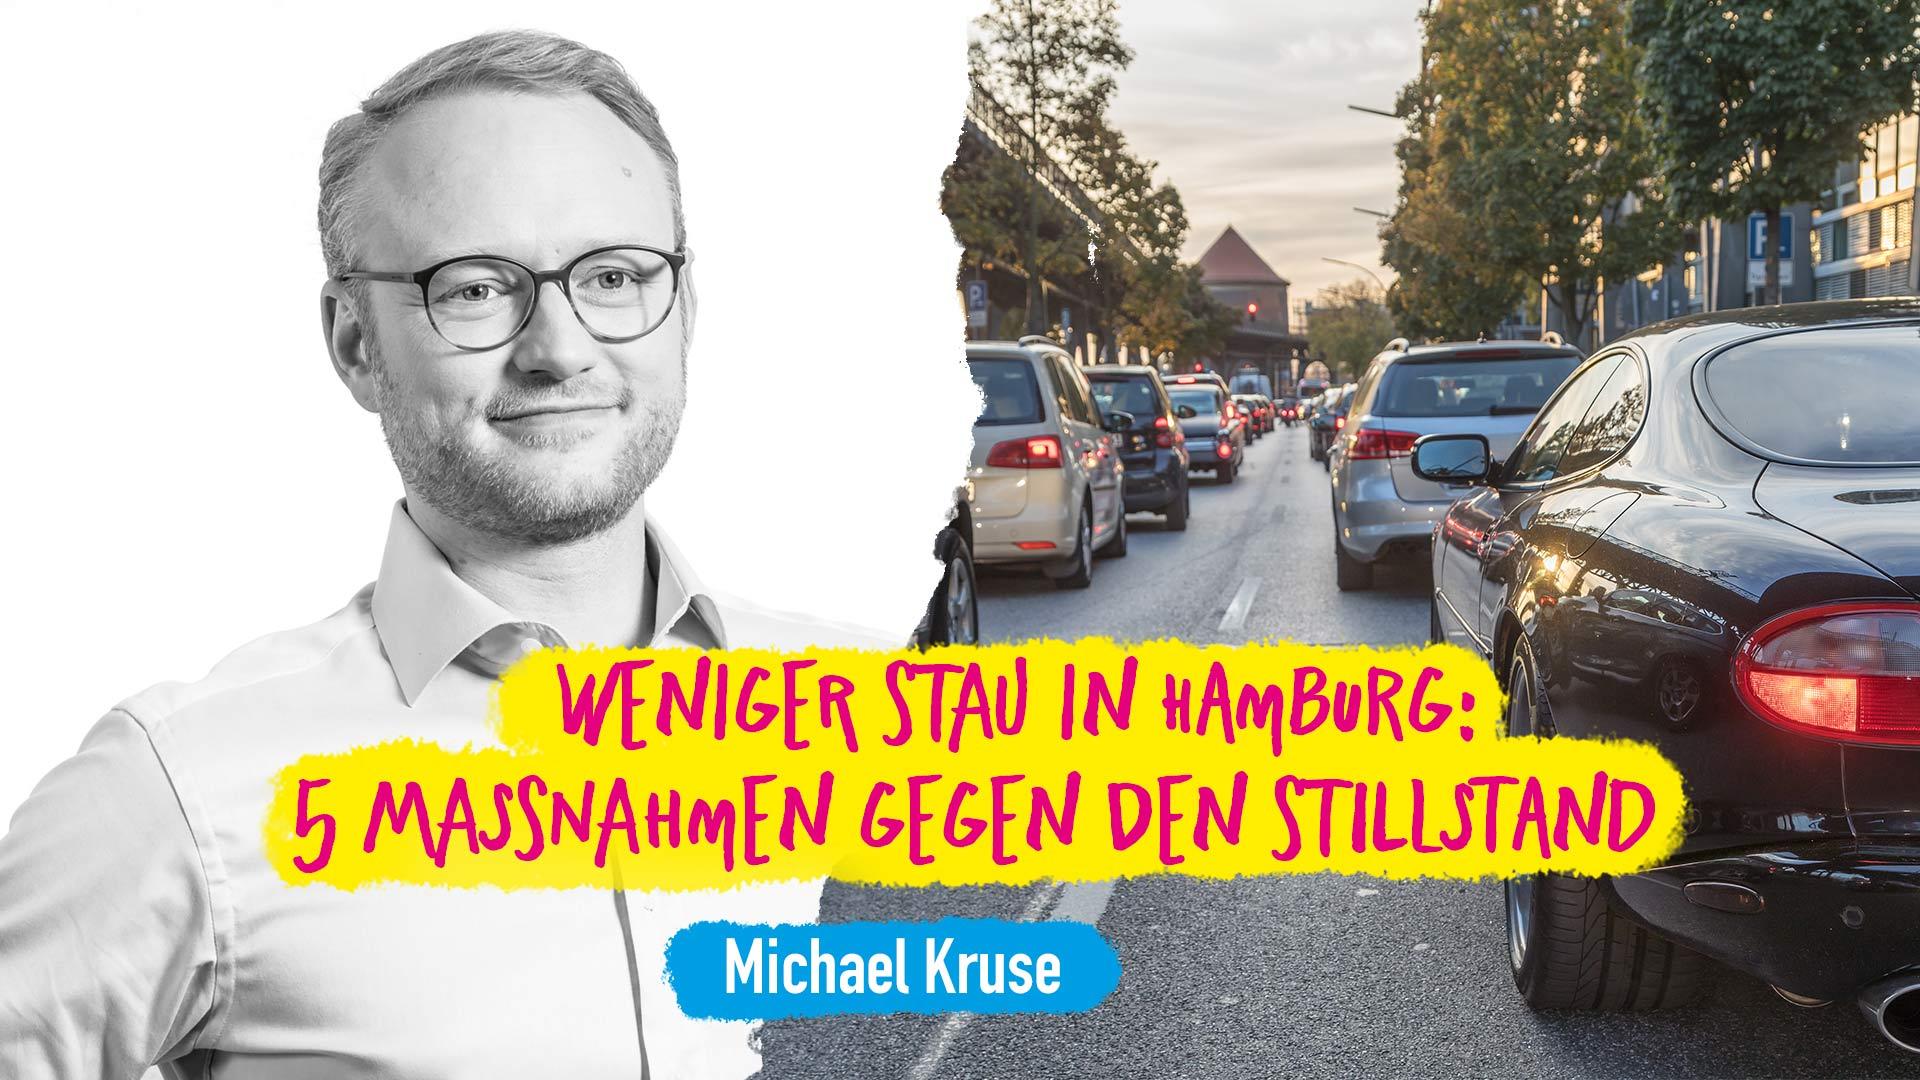 Michael Kruse Verkehr Stau Hamburg